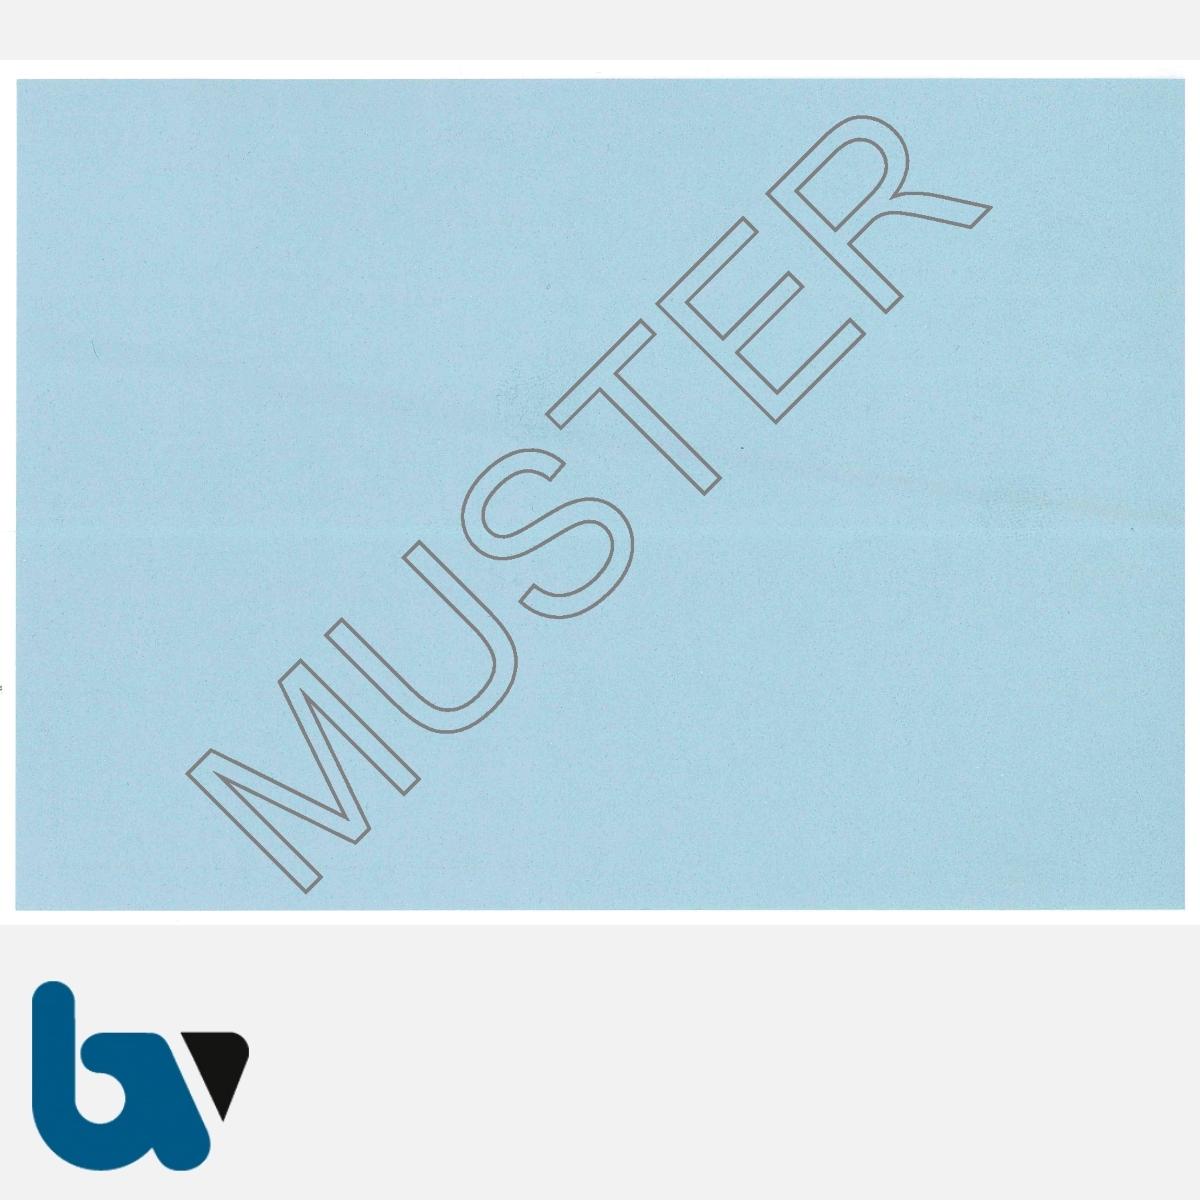 13/456-1 Fischereischein Thüringen blau Neobond Muster RS   Borgard Verlag GmbH